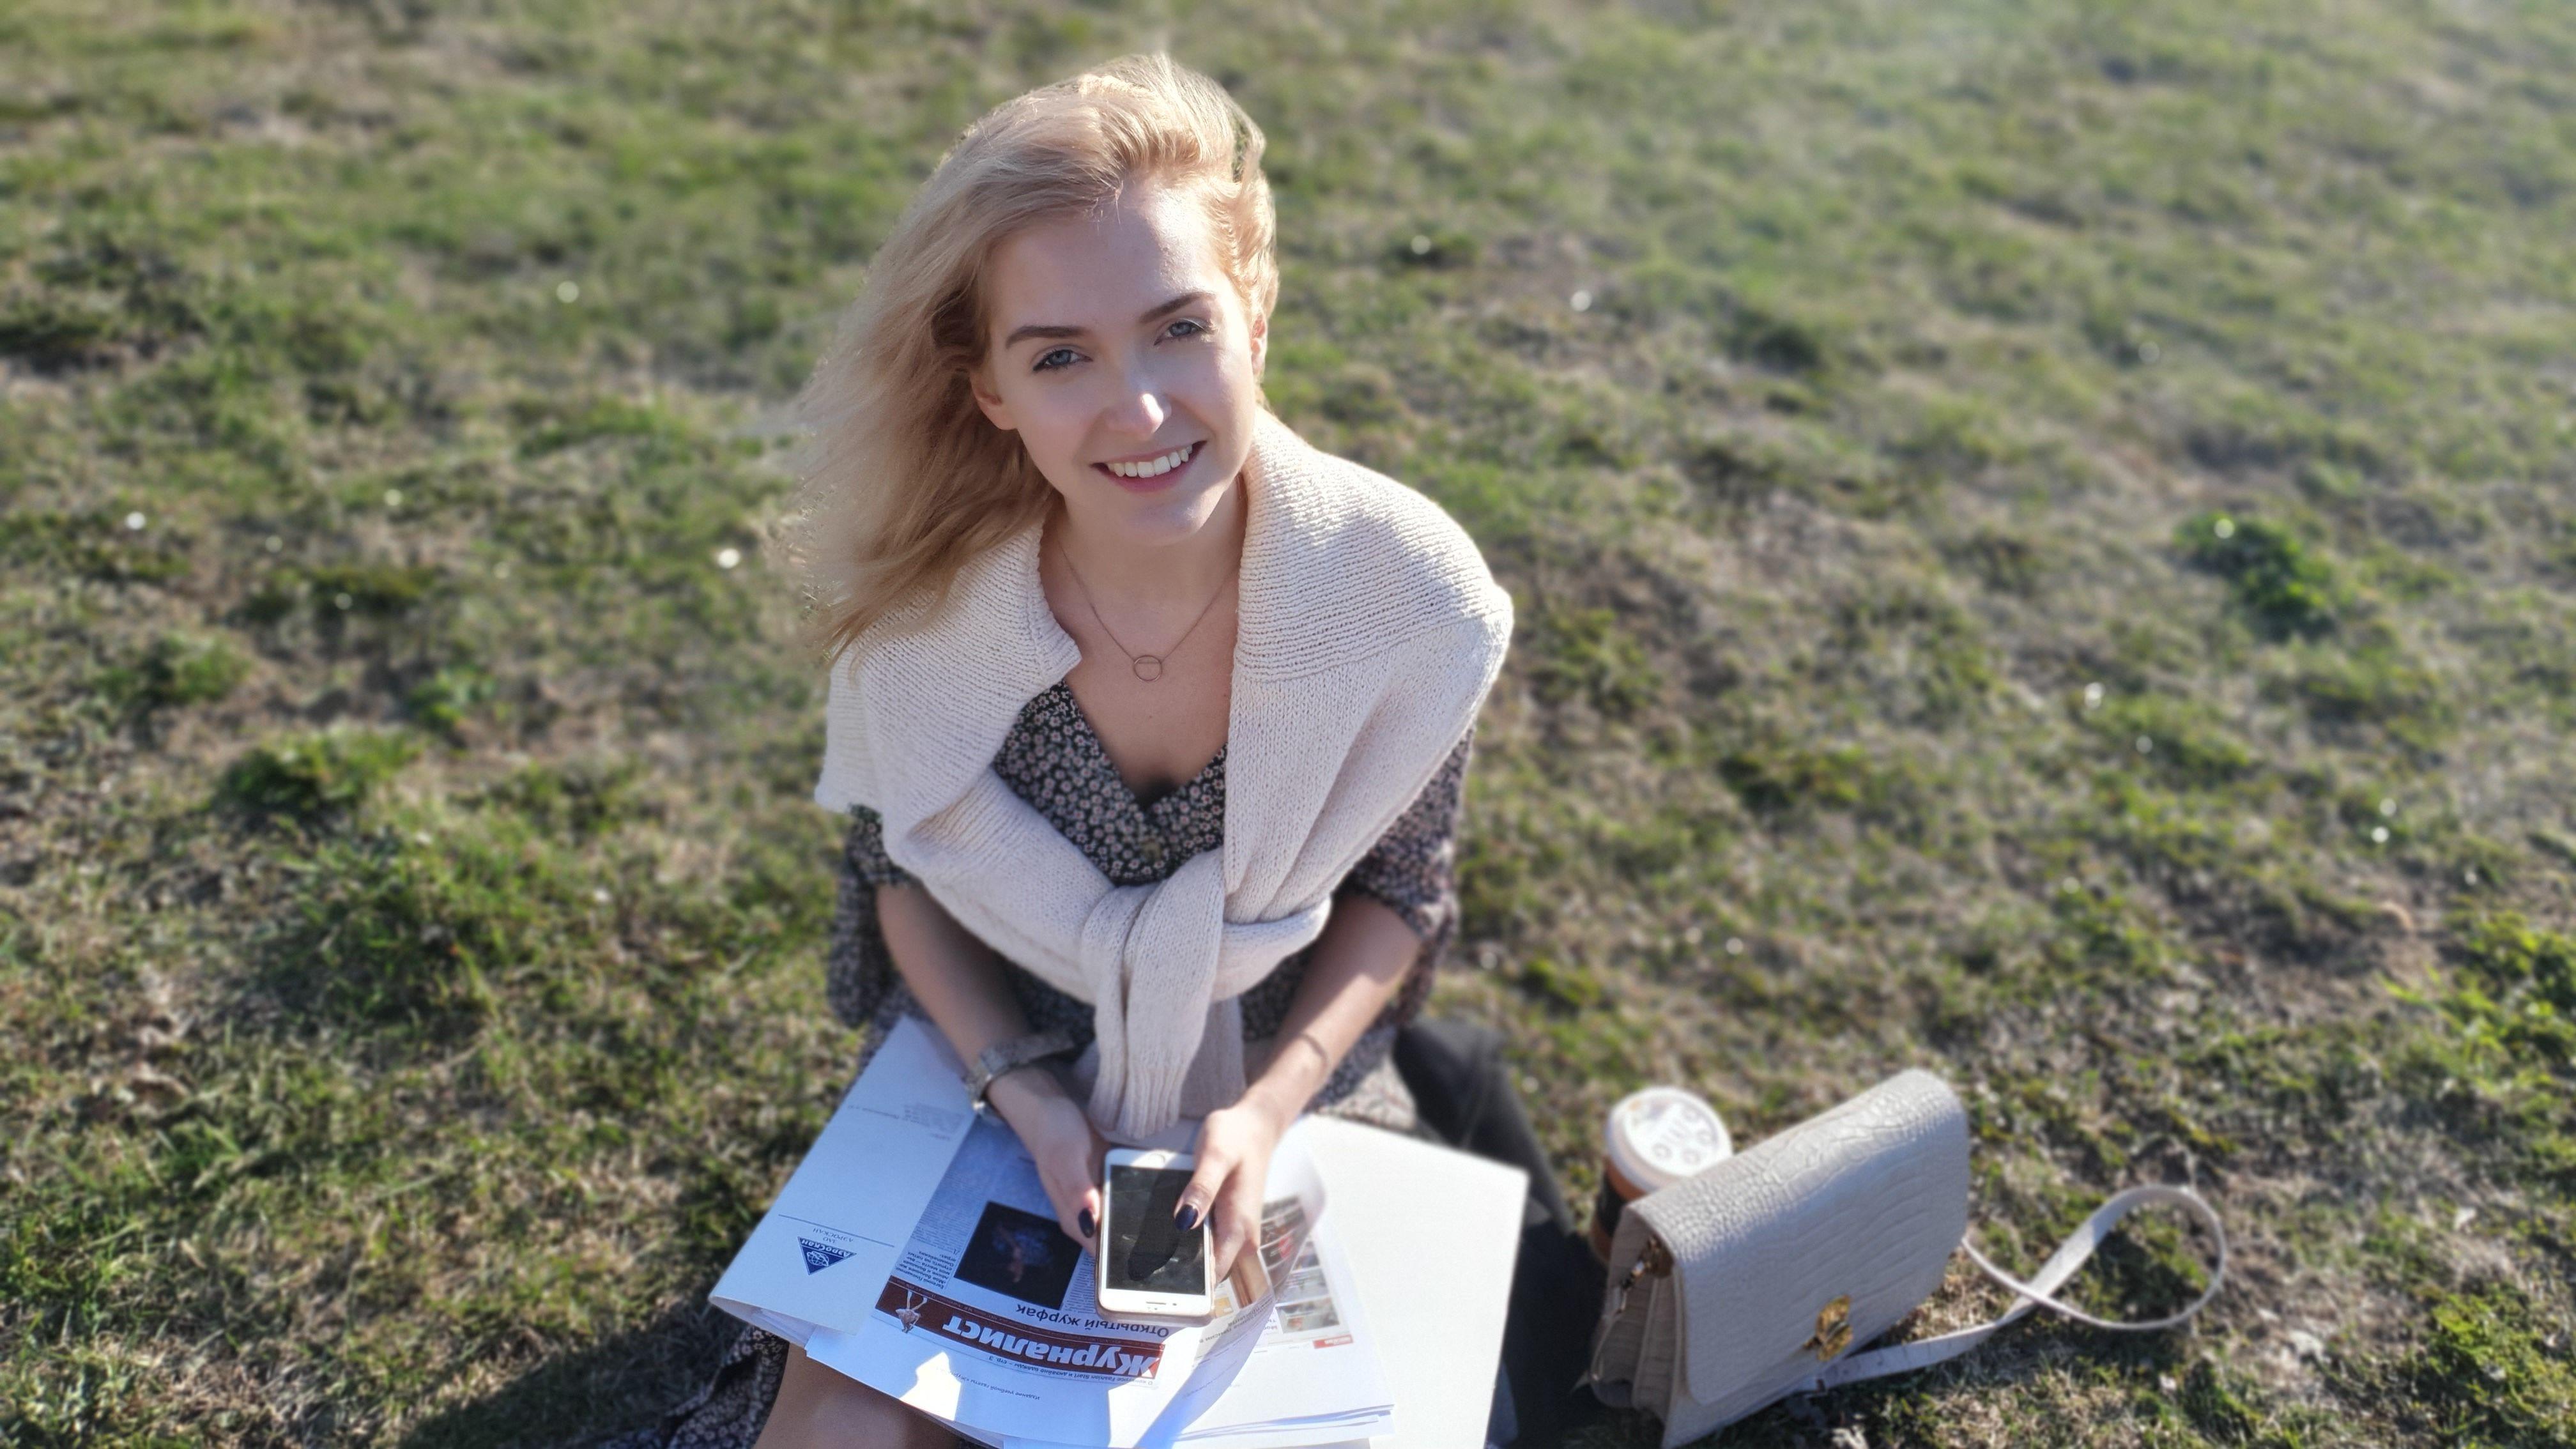 В апреле горожане подключились к Wi-Fi свыше 40 тысяч раз. Фото: Ольга Чернякова для газеты «Вечерняя Москва»